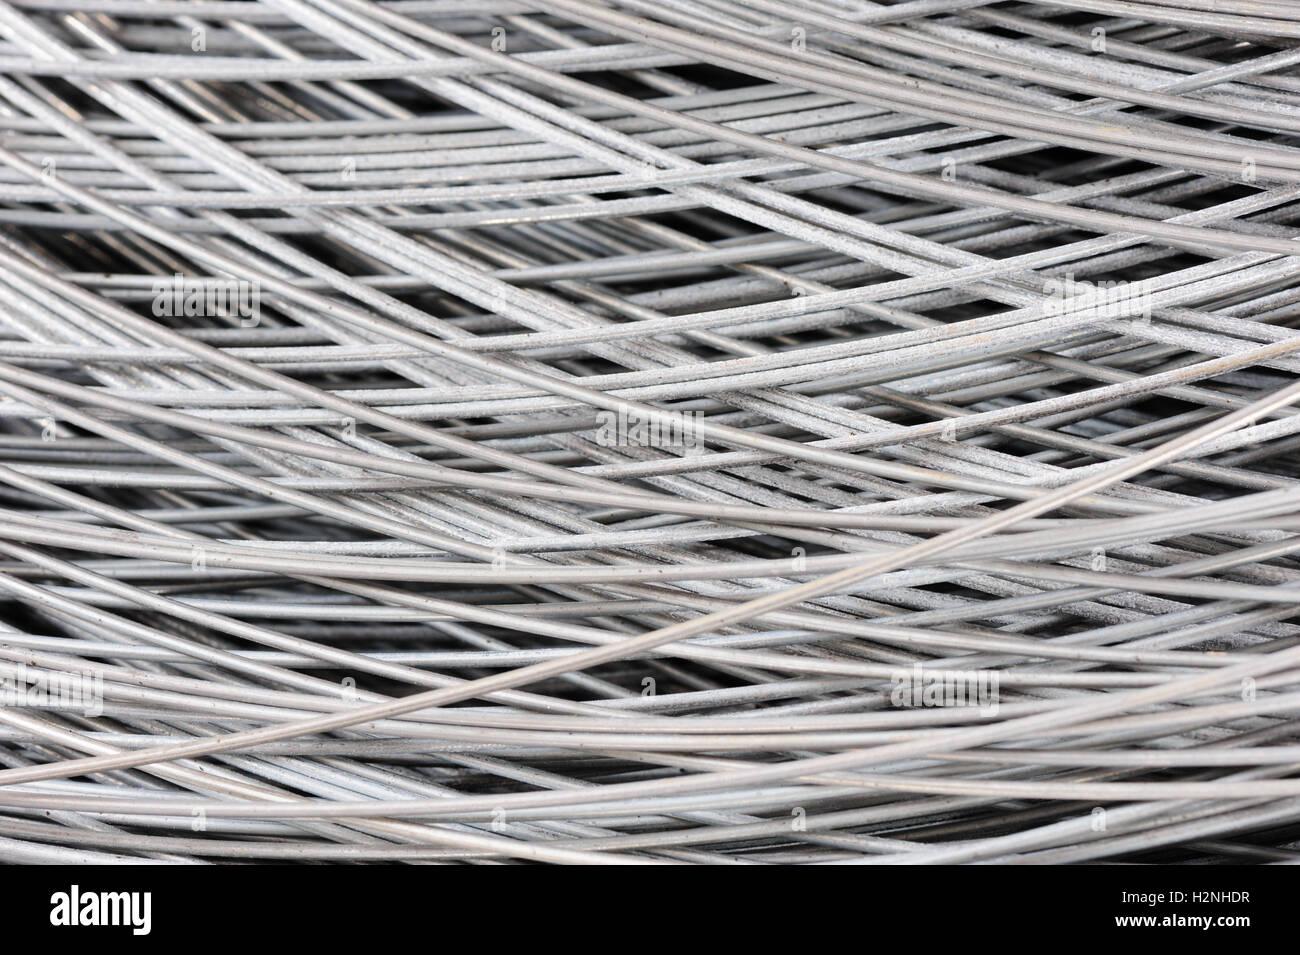 Groß Kabelkanal Aus Metalldraht Zeitgenössisch - Elektrische ...